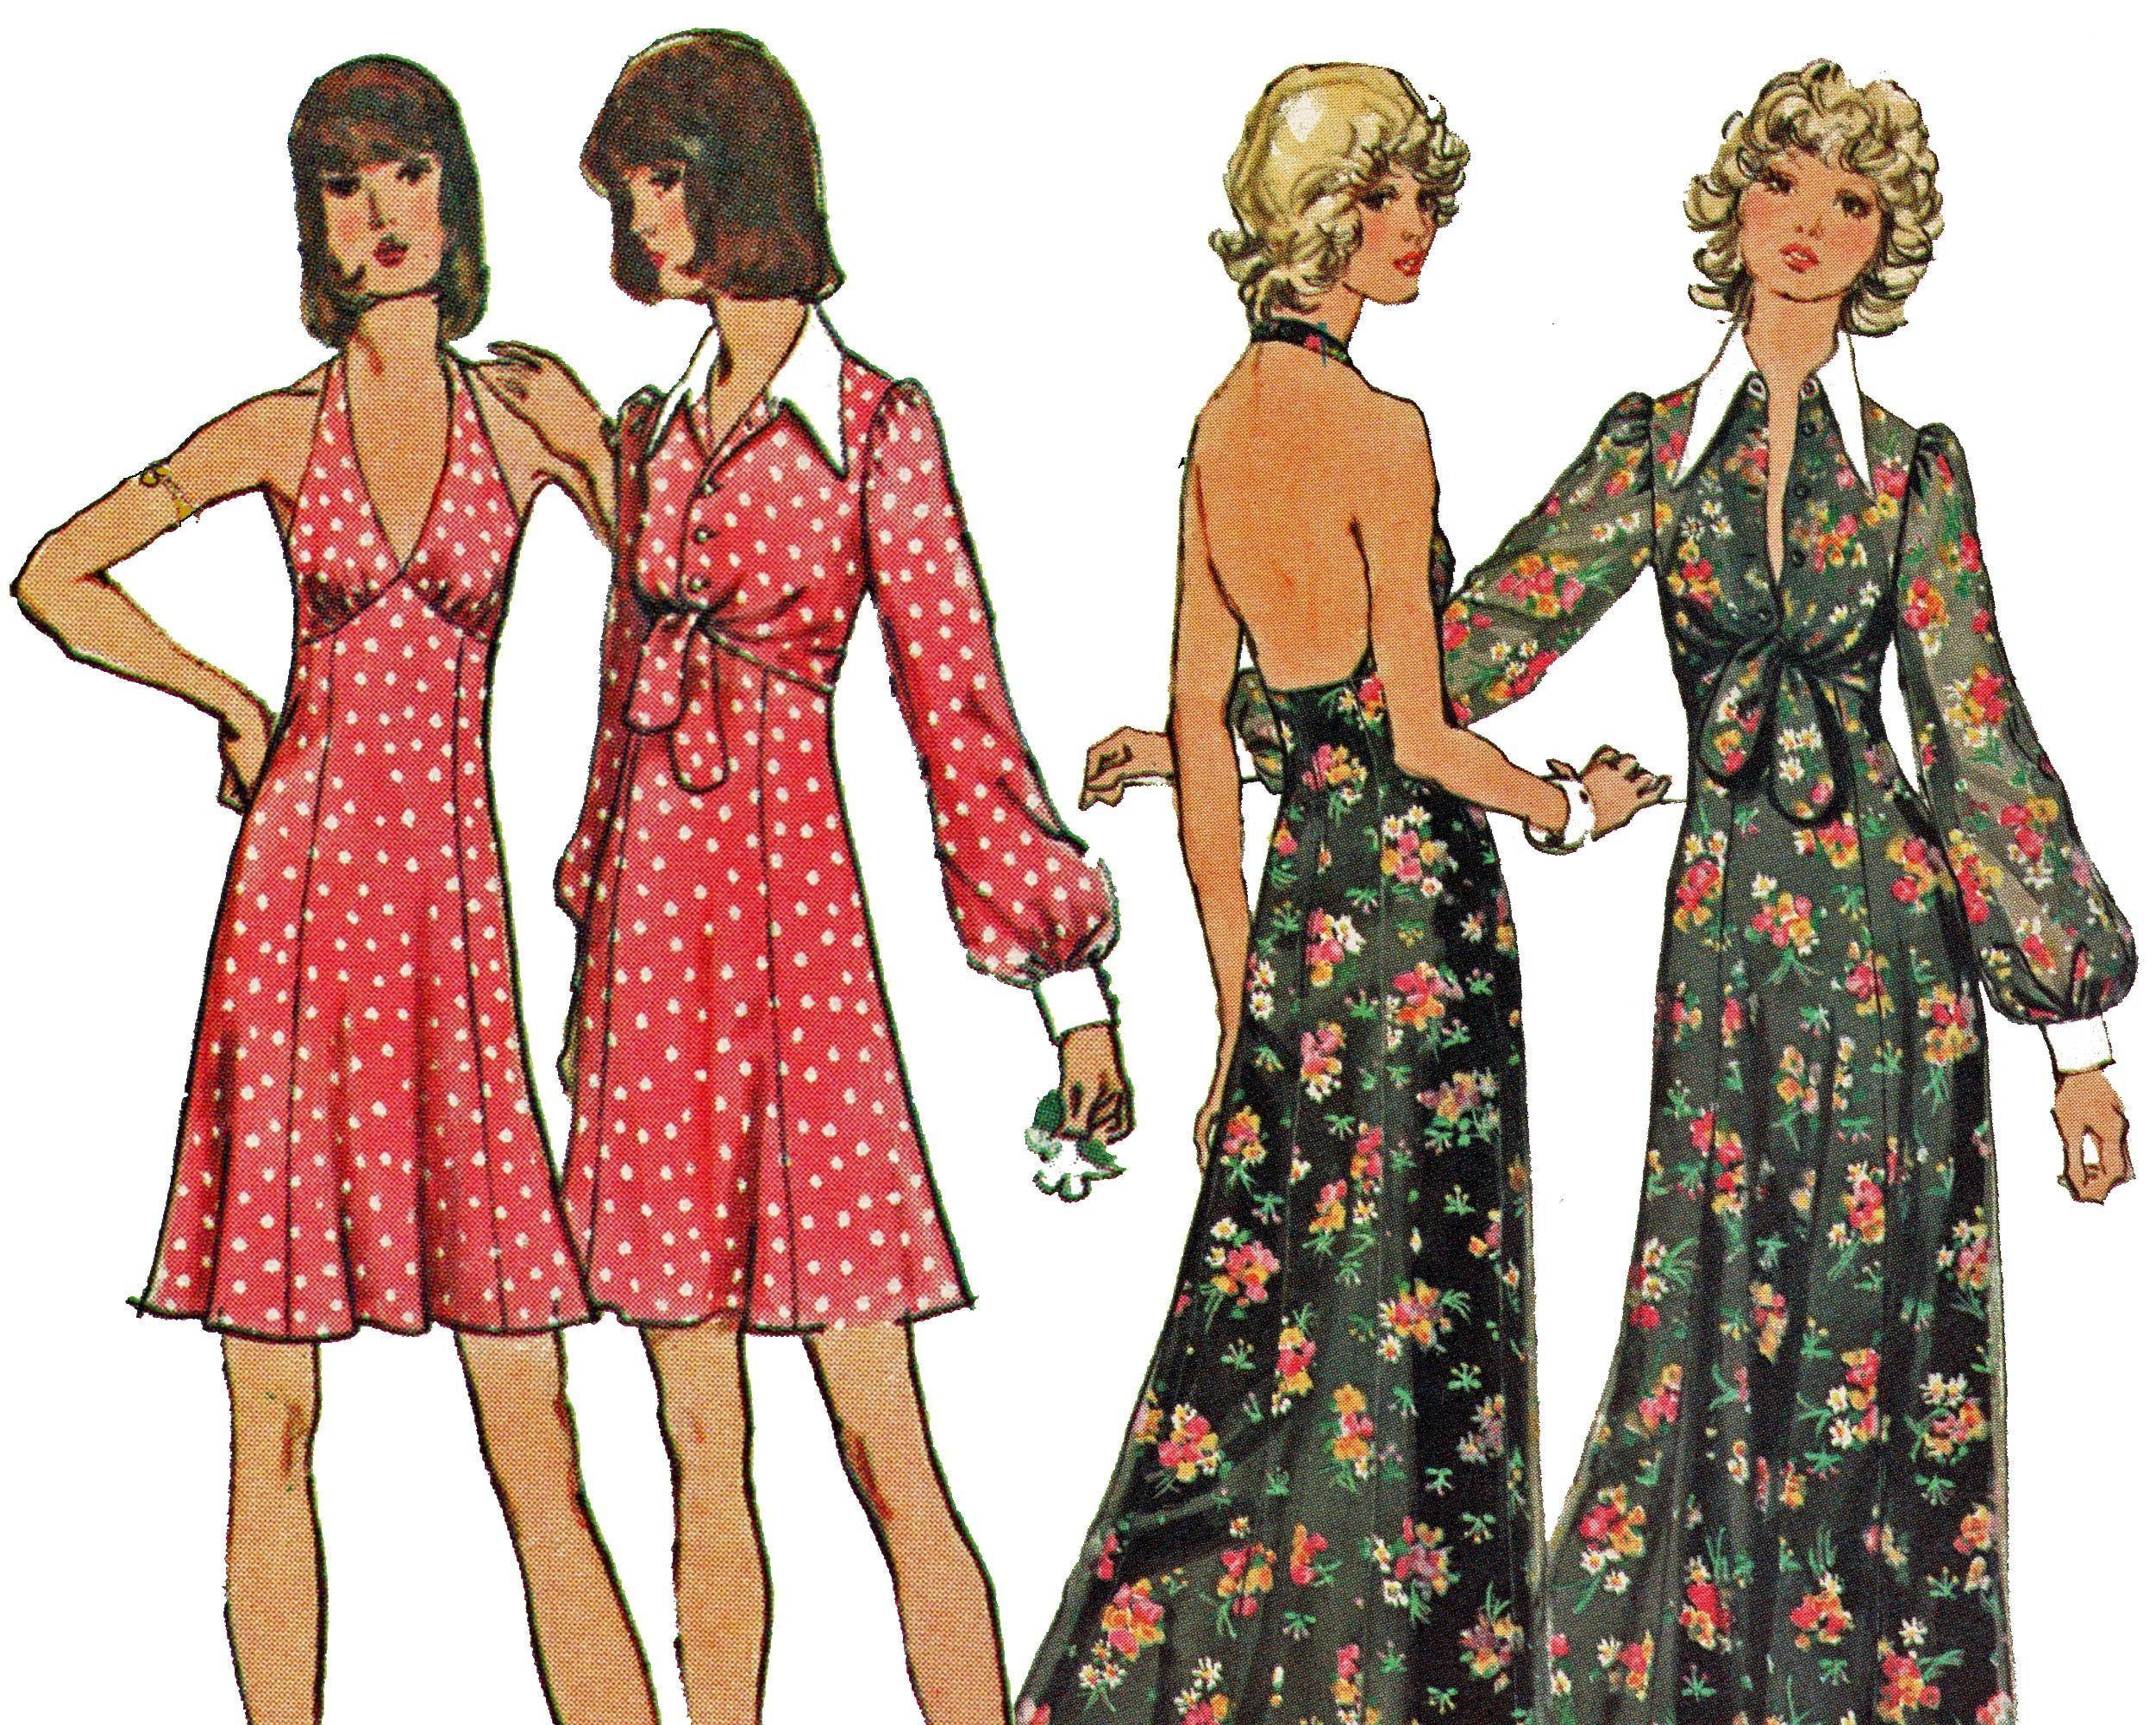 Halter Maxi Dress Bolero Pattern Size 12 Vintage 70s Etsy Bolero Pattern Sundress Pattern Bolero Dress [ 2000 x 2500 Pixel ]